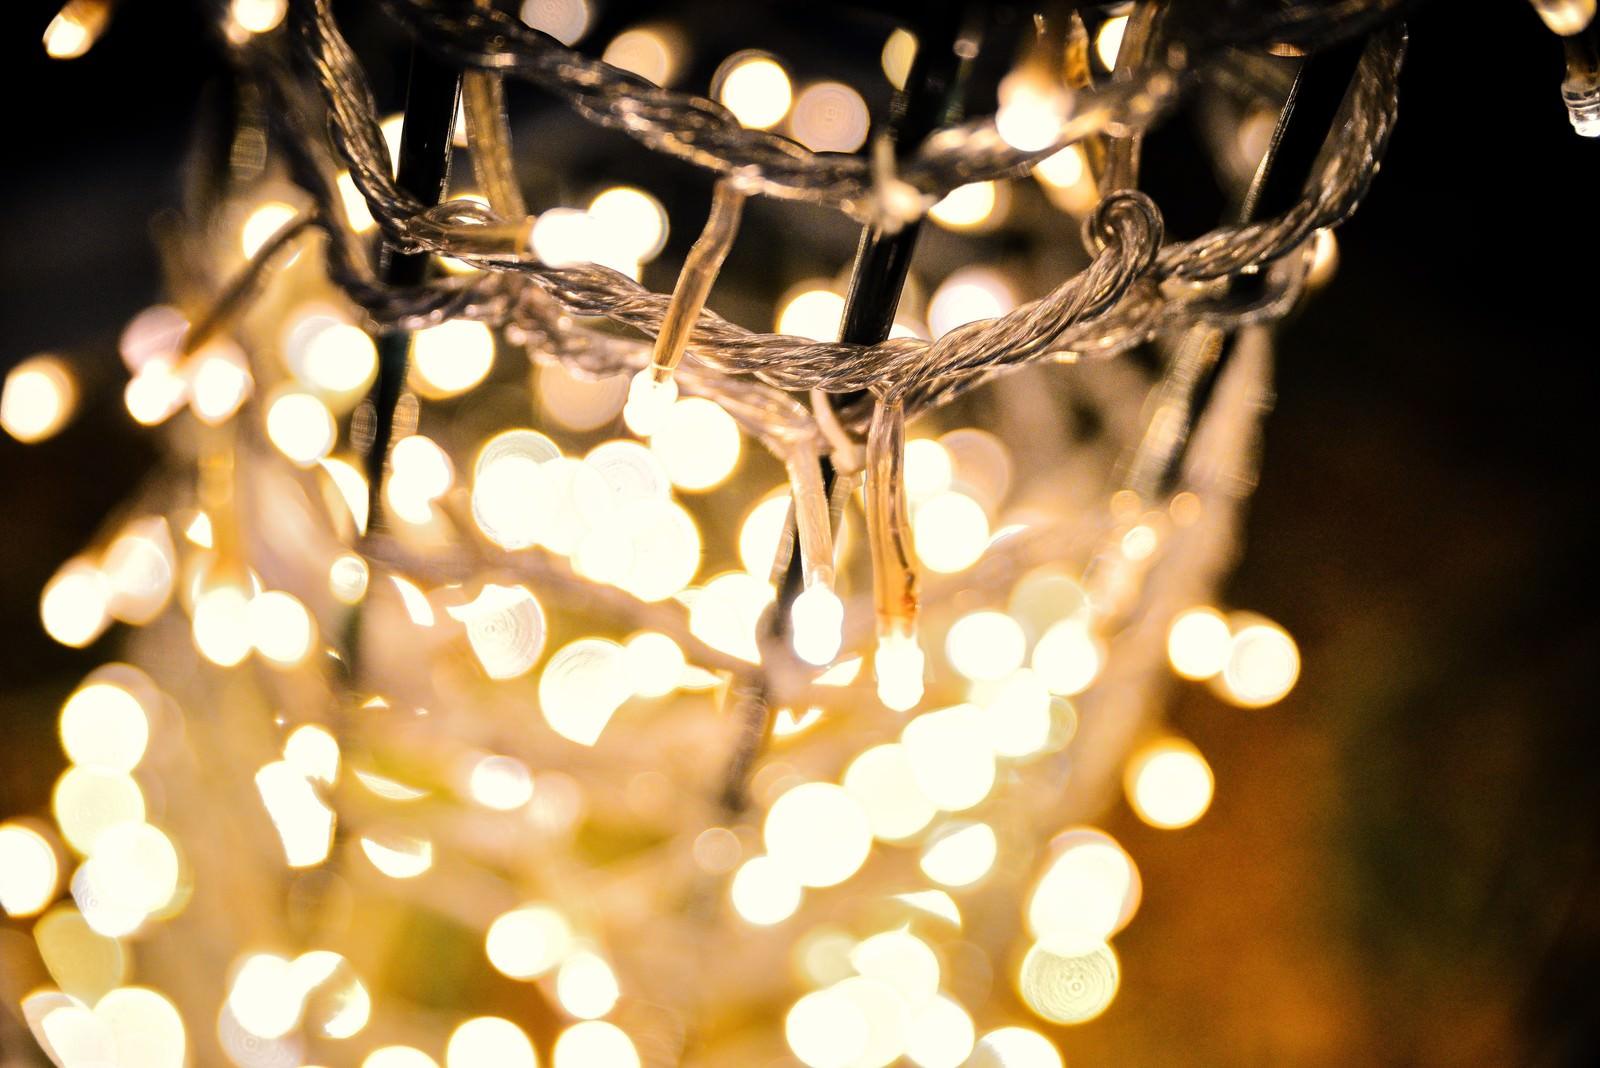 「電飾のライトアップ」の写真